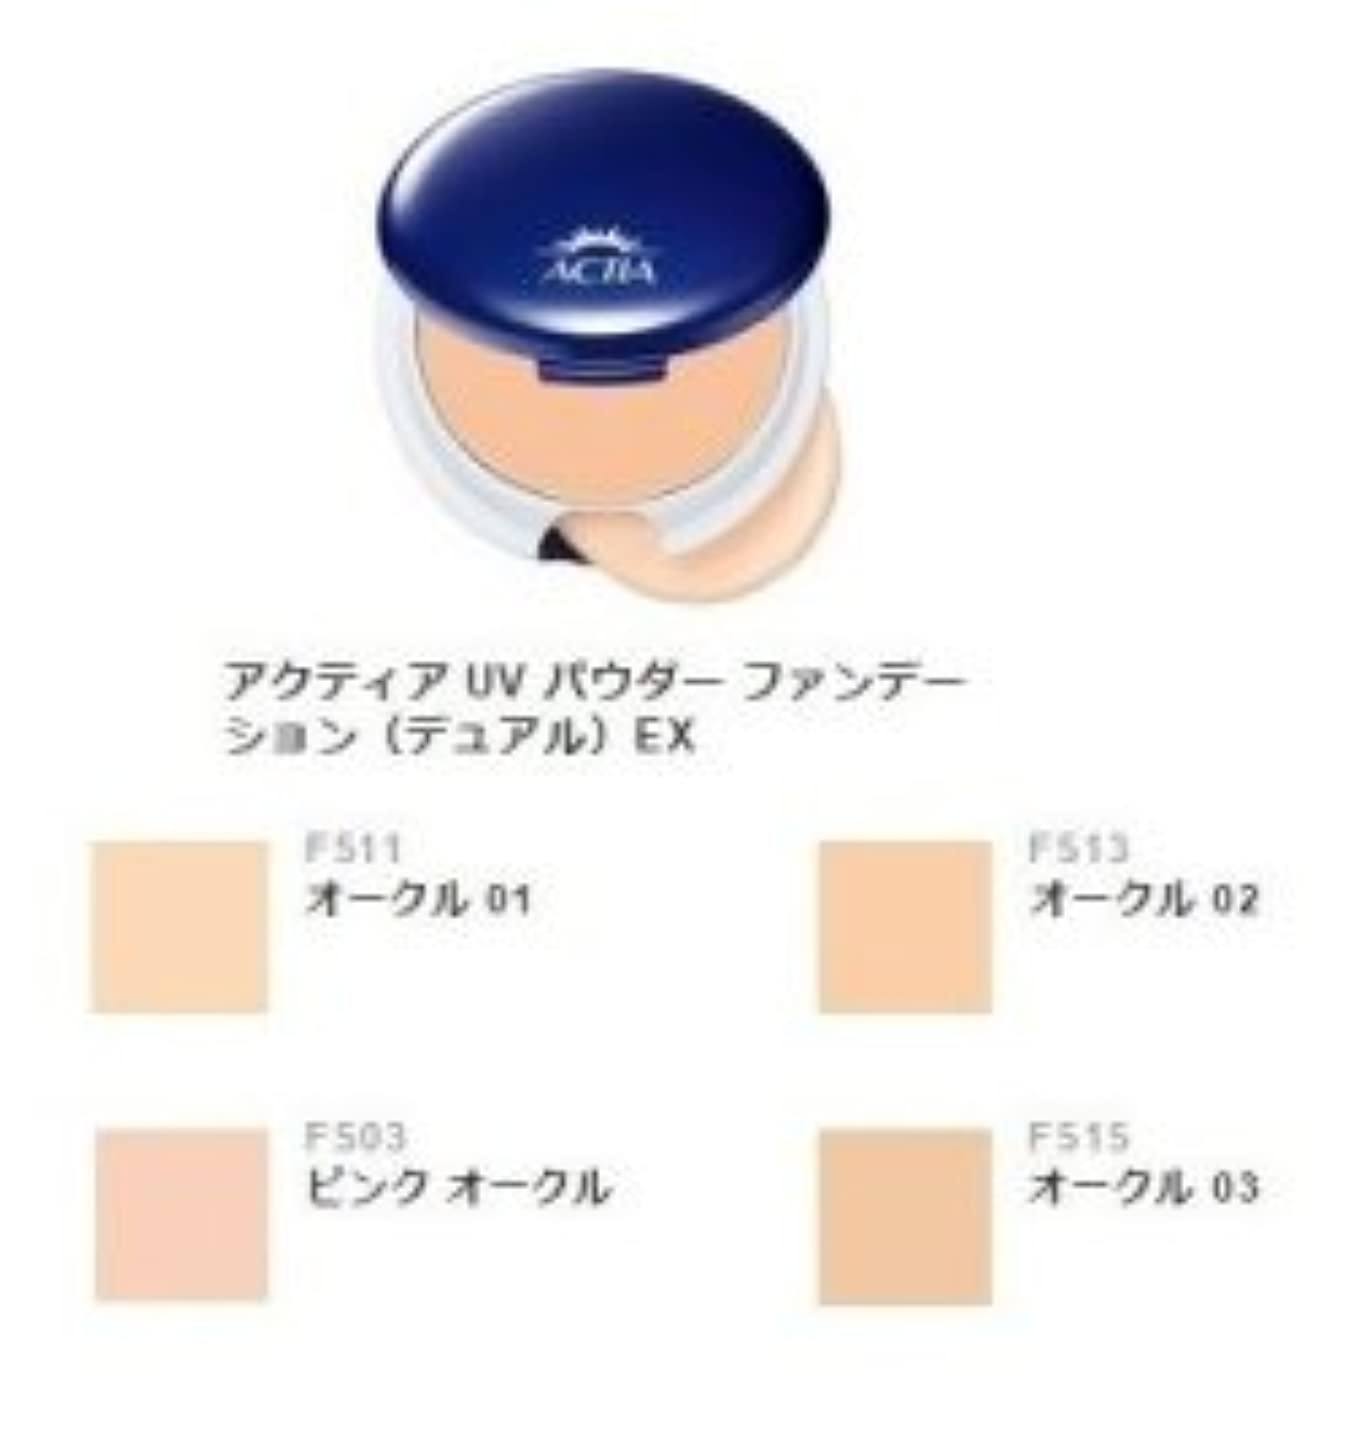 かき混ぜる破裂静的エイボン(AVON) アクティア UV パウダーファンデーション(デュアル)EX(リフィル) F513 オークル02